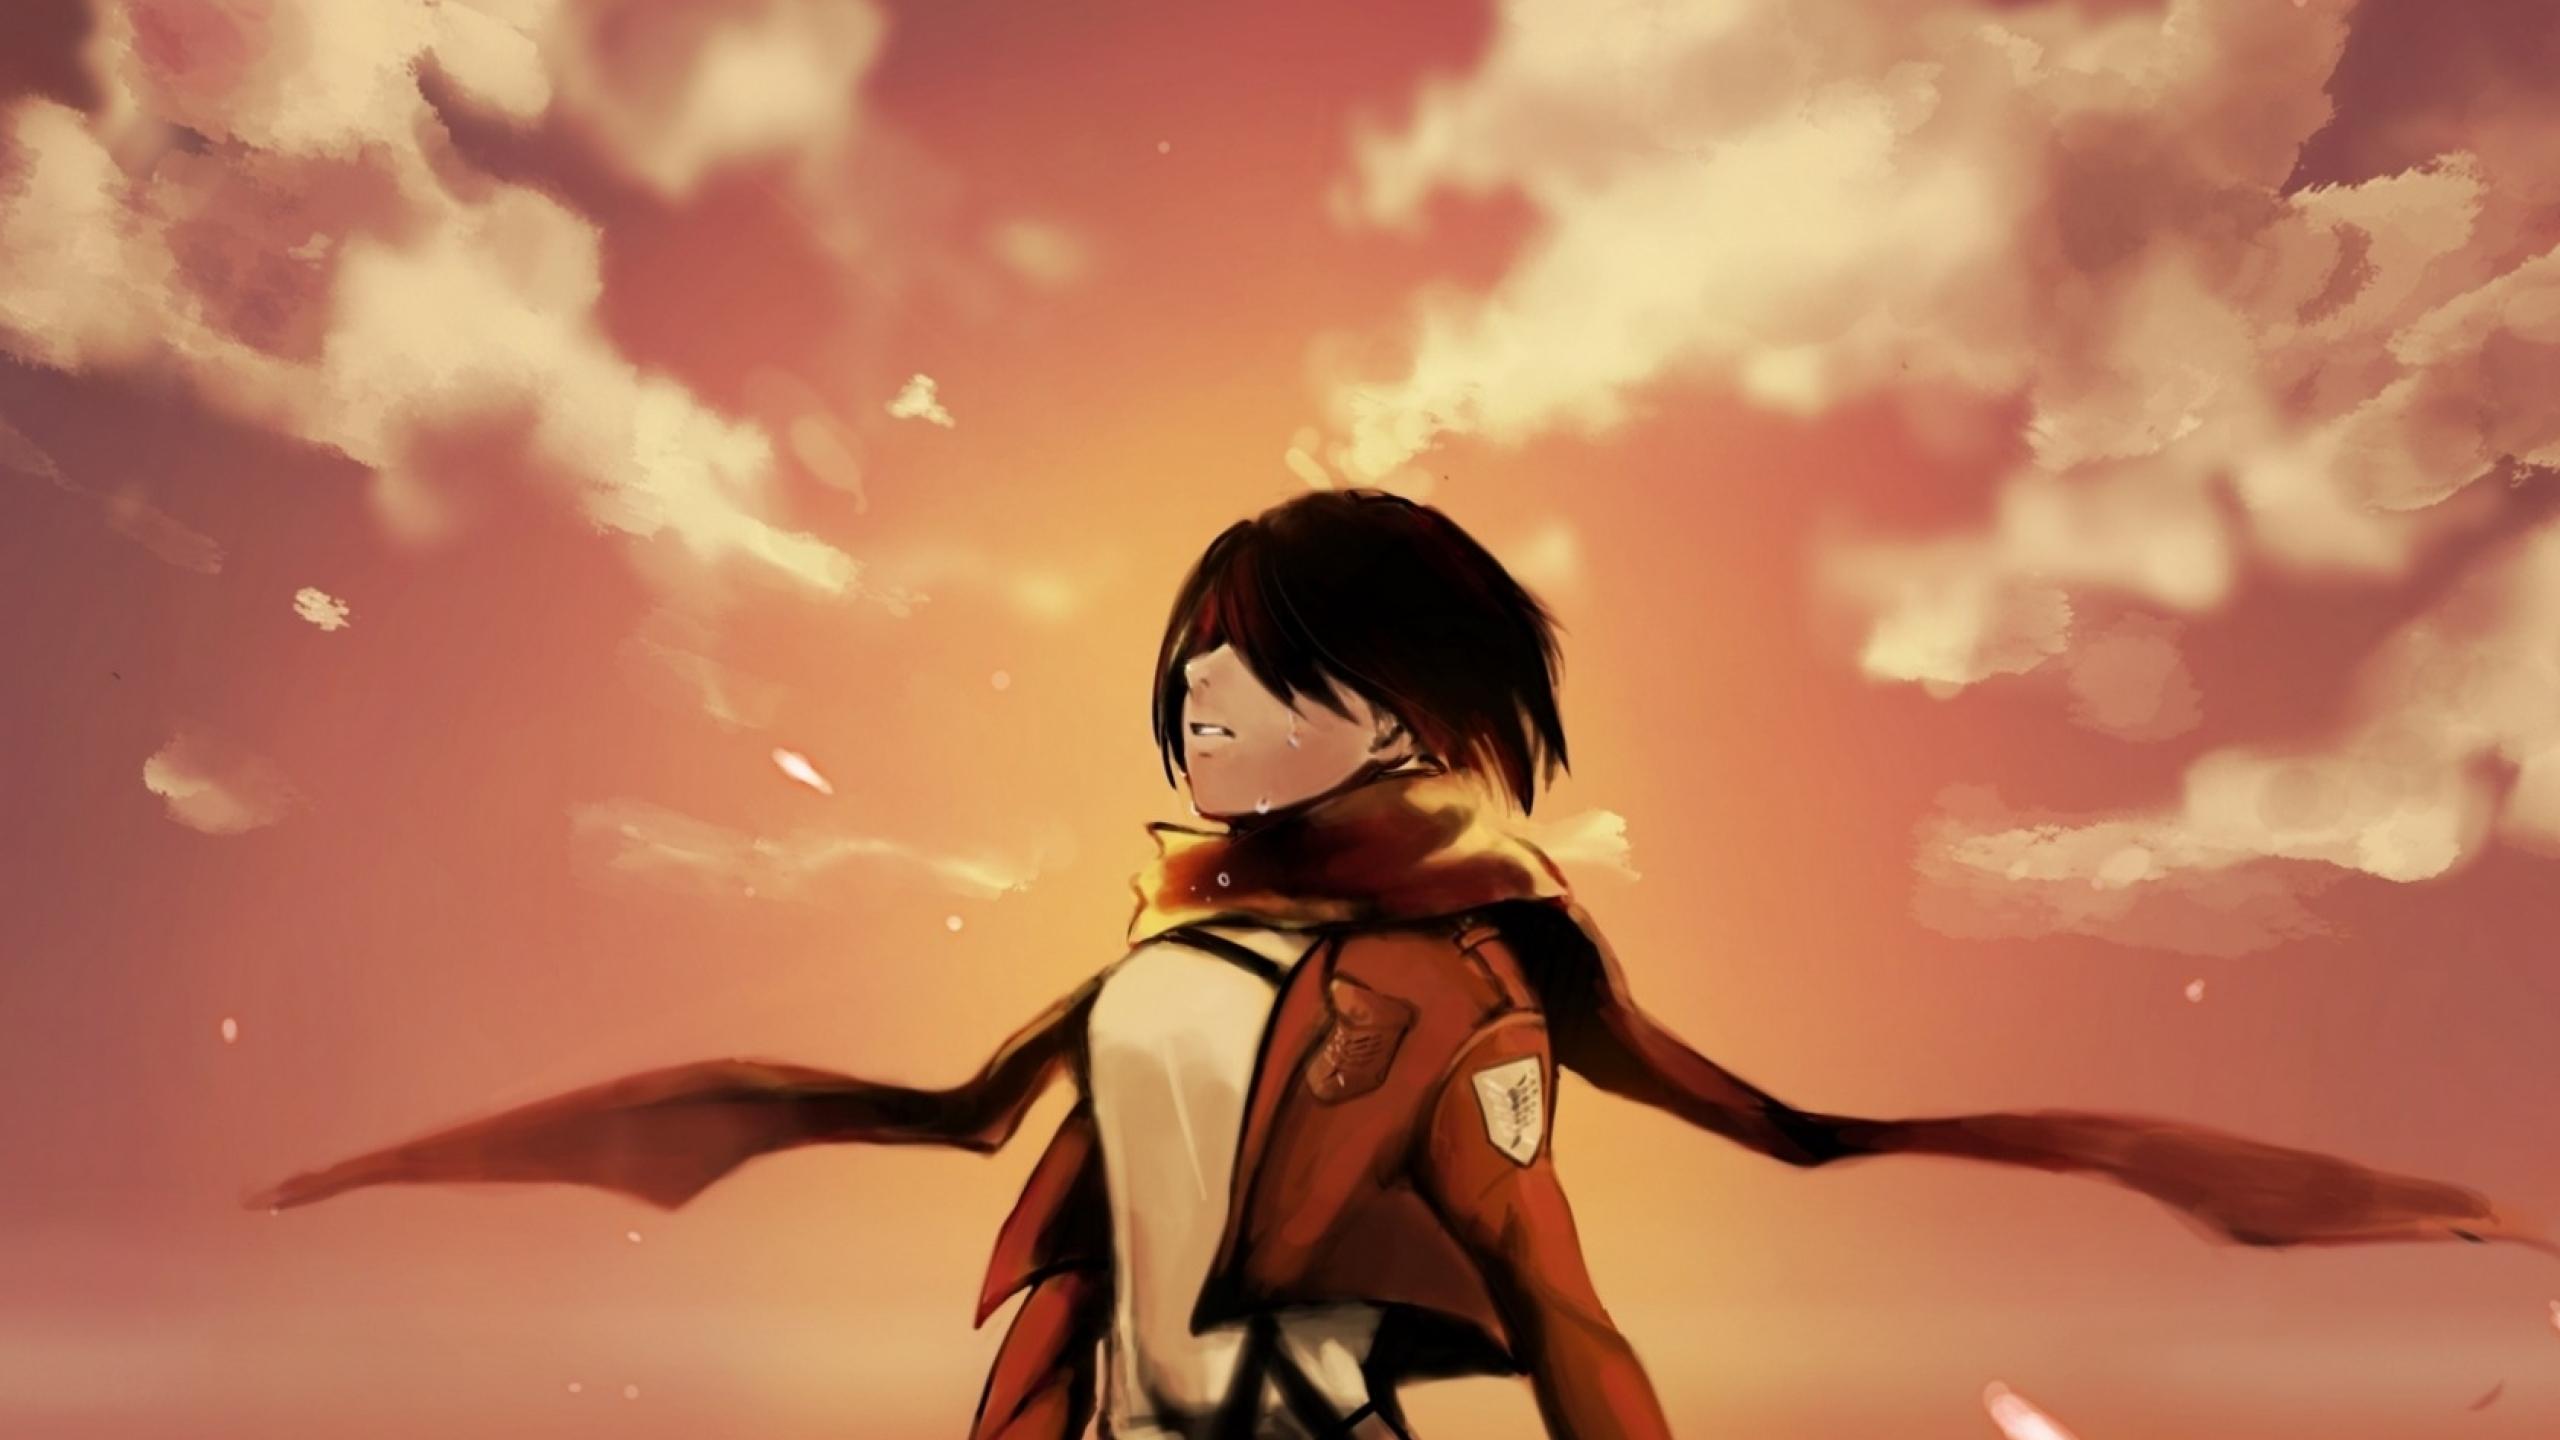 2560x1440 Shingeki No Kyojin Mikasa Ackerman Art 1440p